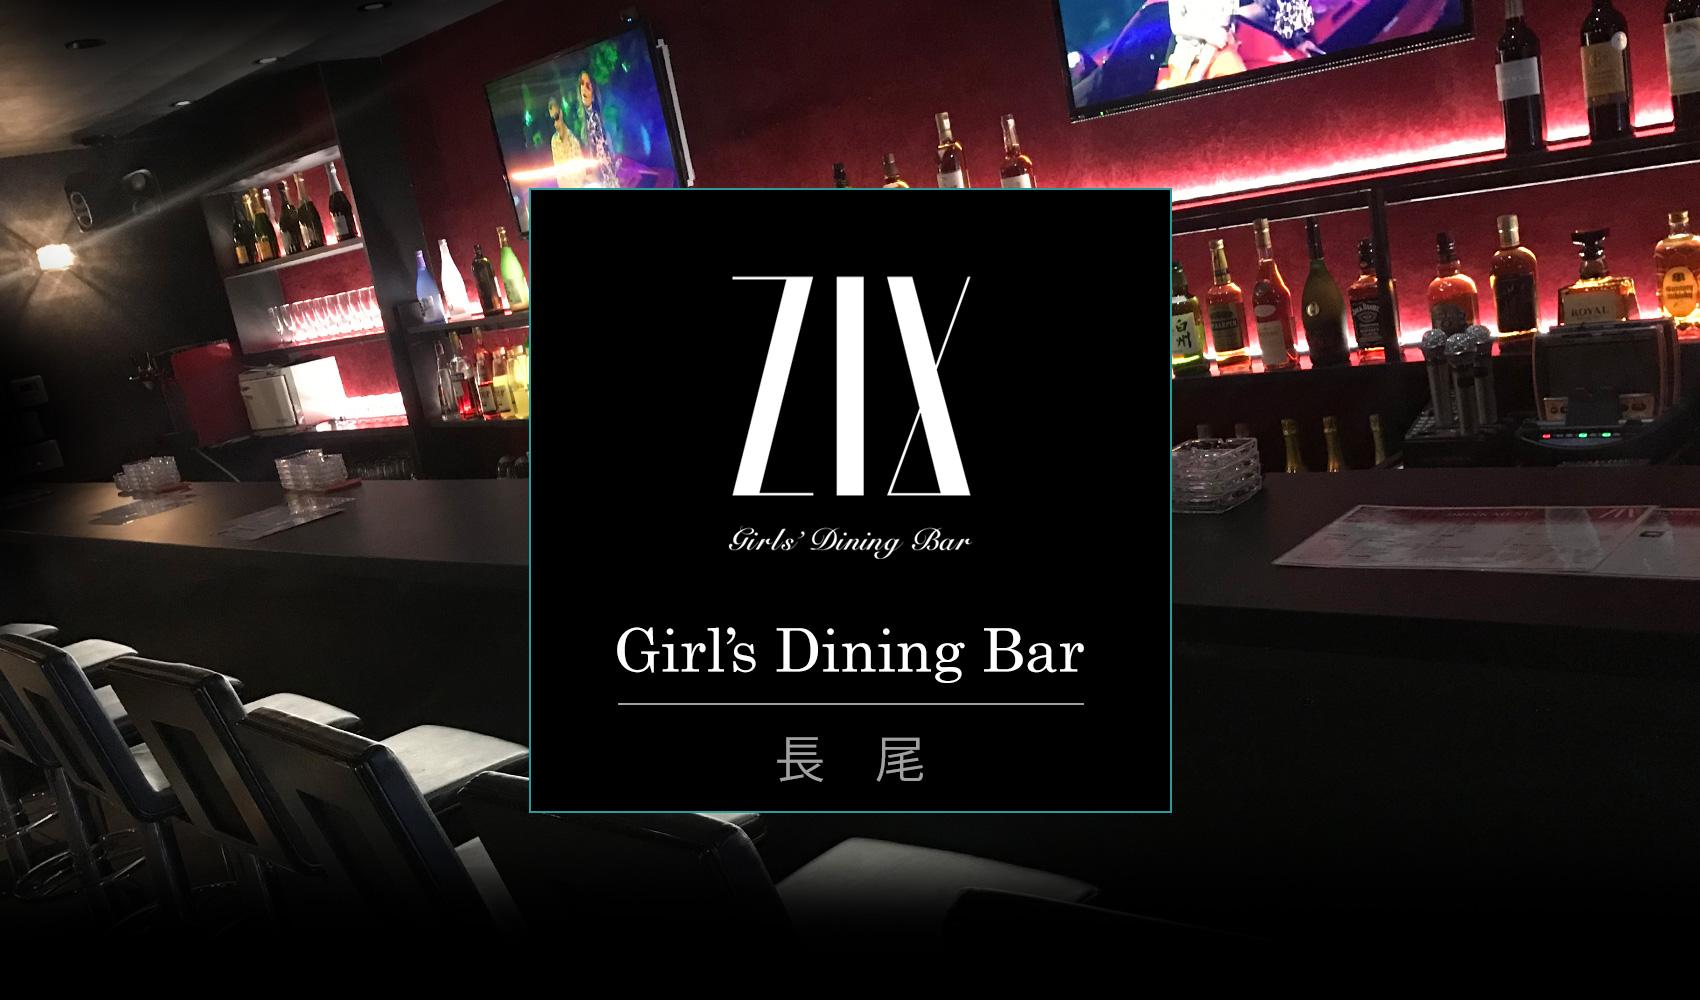 [福岡市城南区長尾] Girl's Dining Bar Z/X(ガールズダイニングバー・ゼクス)